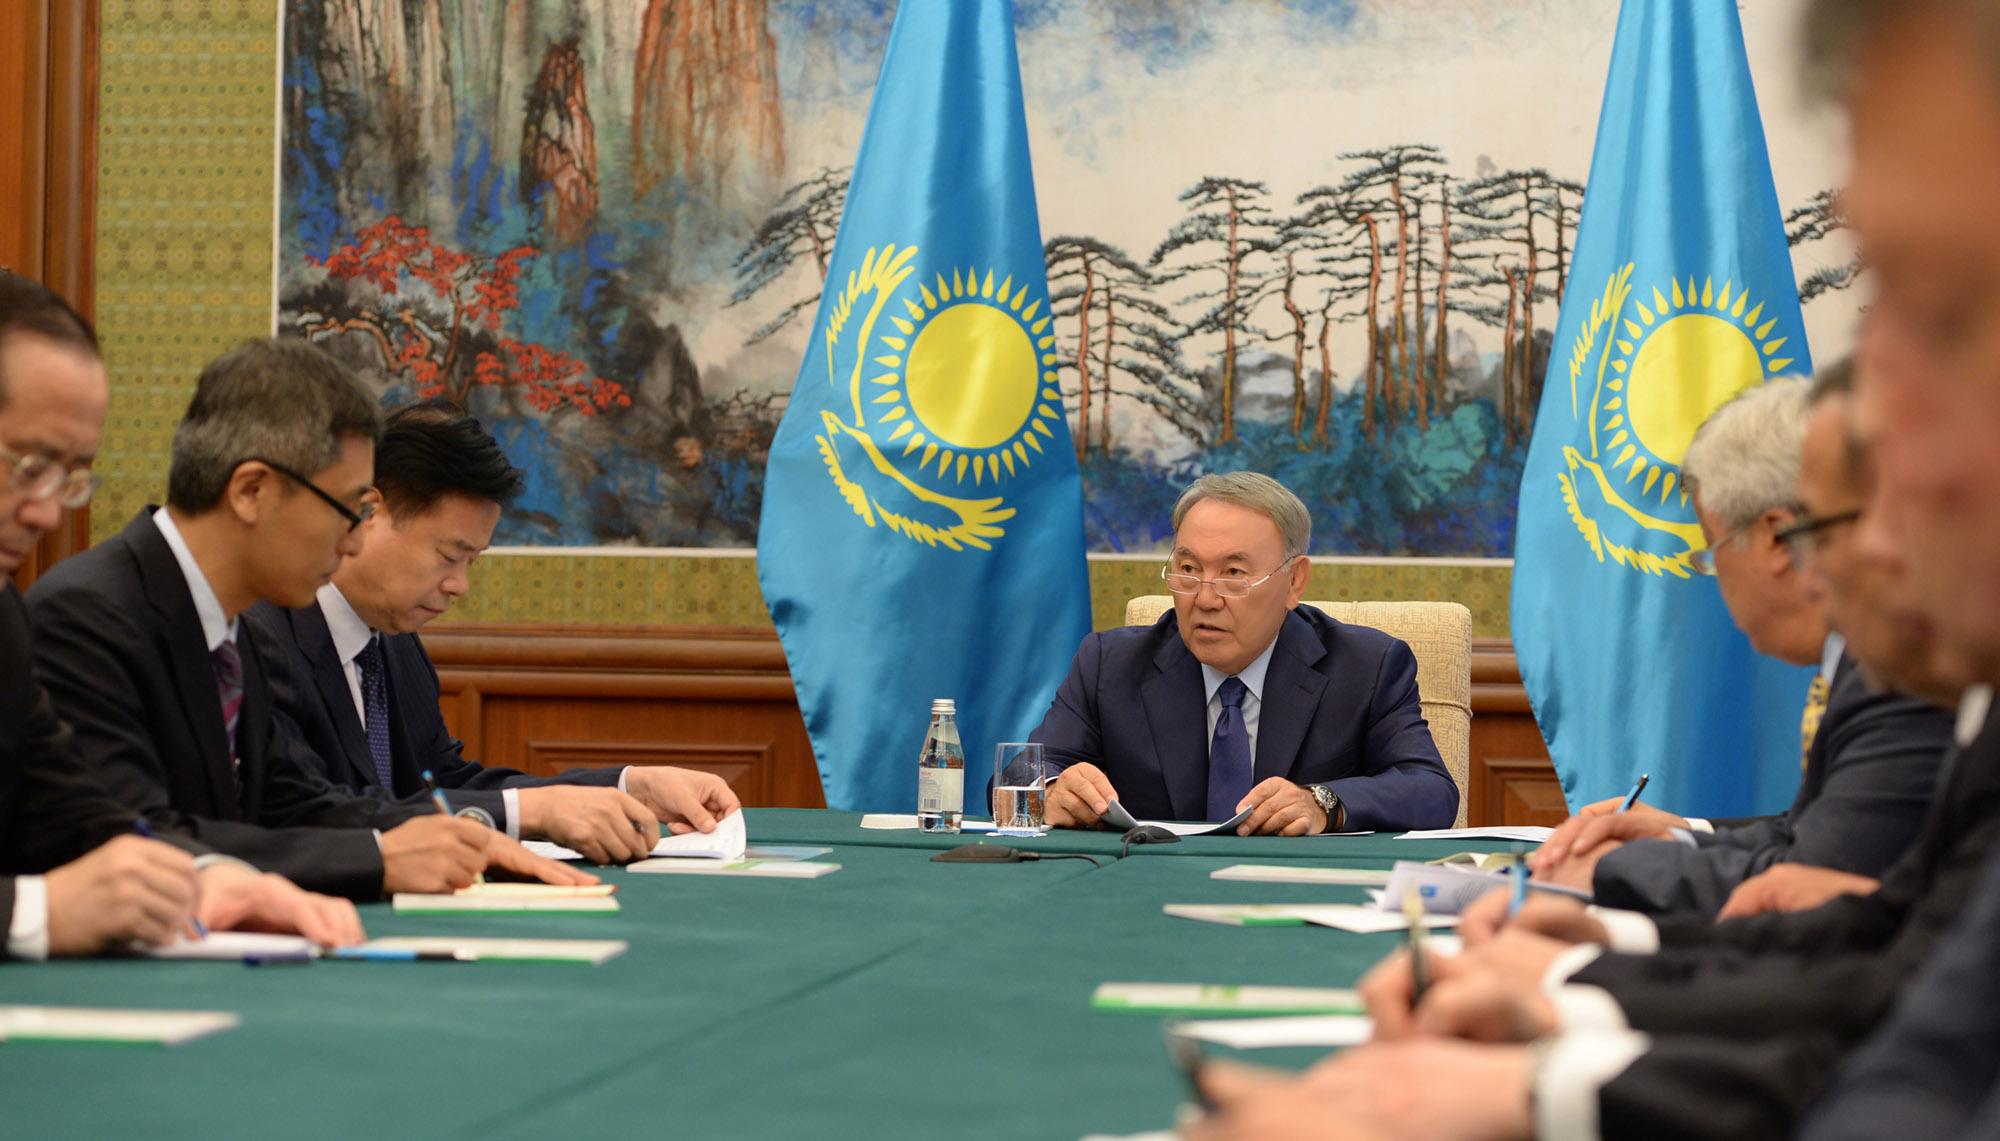 Н.Назарбаев: Развитие нефтегазового рынка – один из главных пунктов сотрудничества РК с КНР